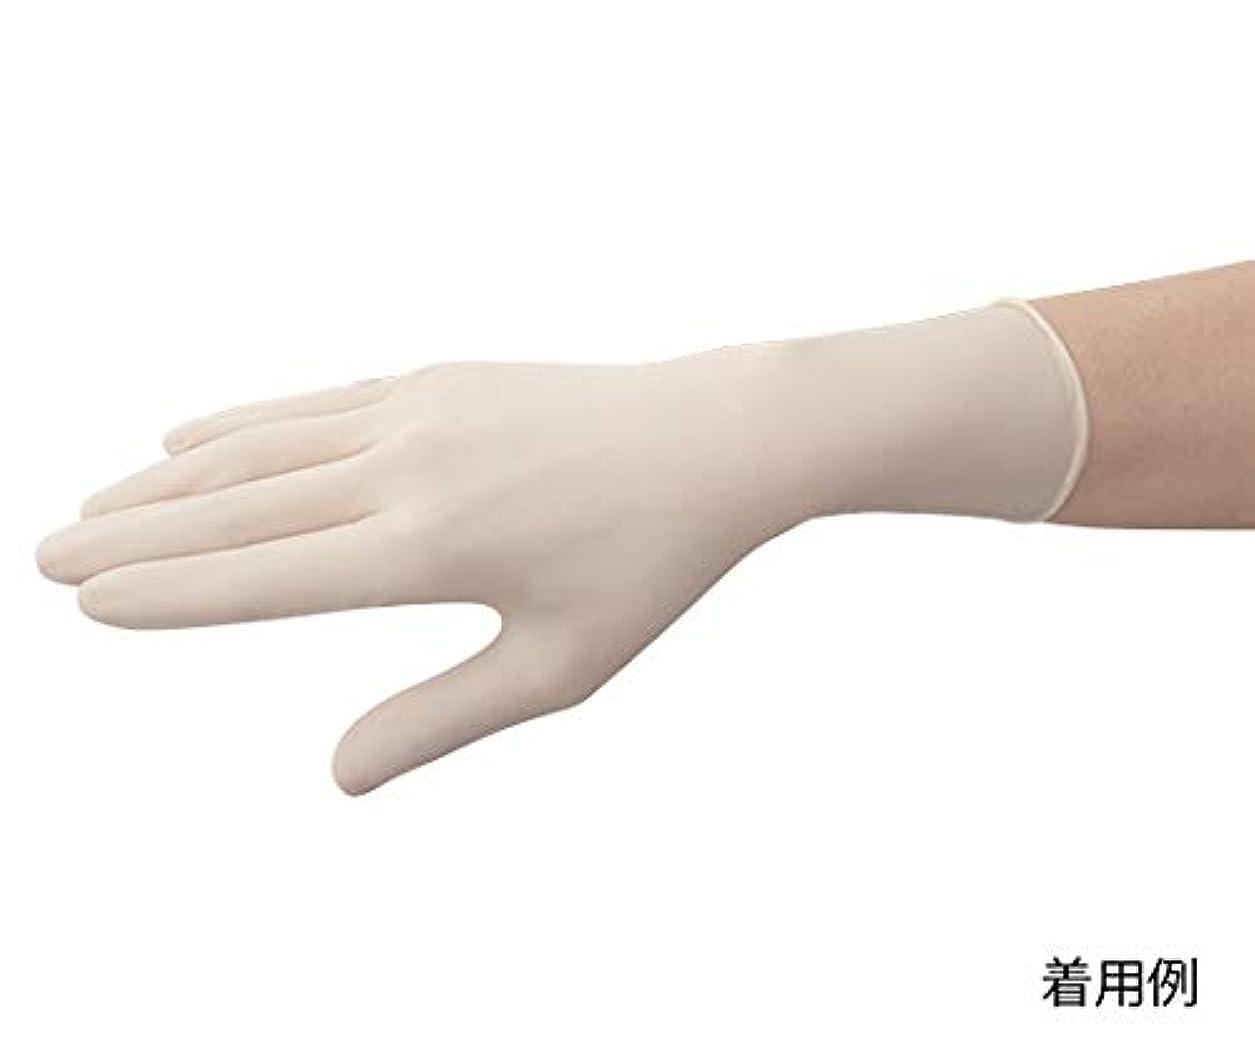 クリケット患者め言葉東レ?メディカル 手術用手袋メディグリップ パウダーフリー50双 8175MG